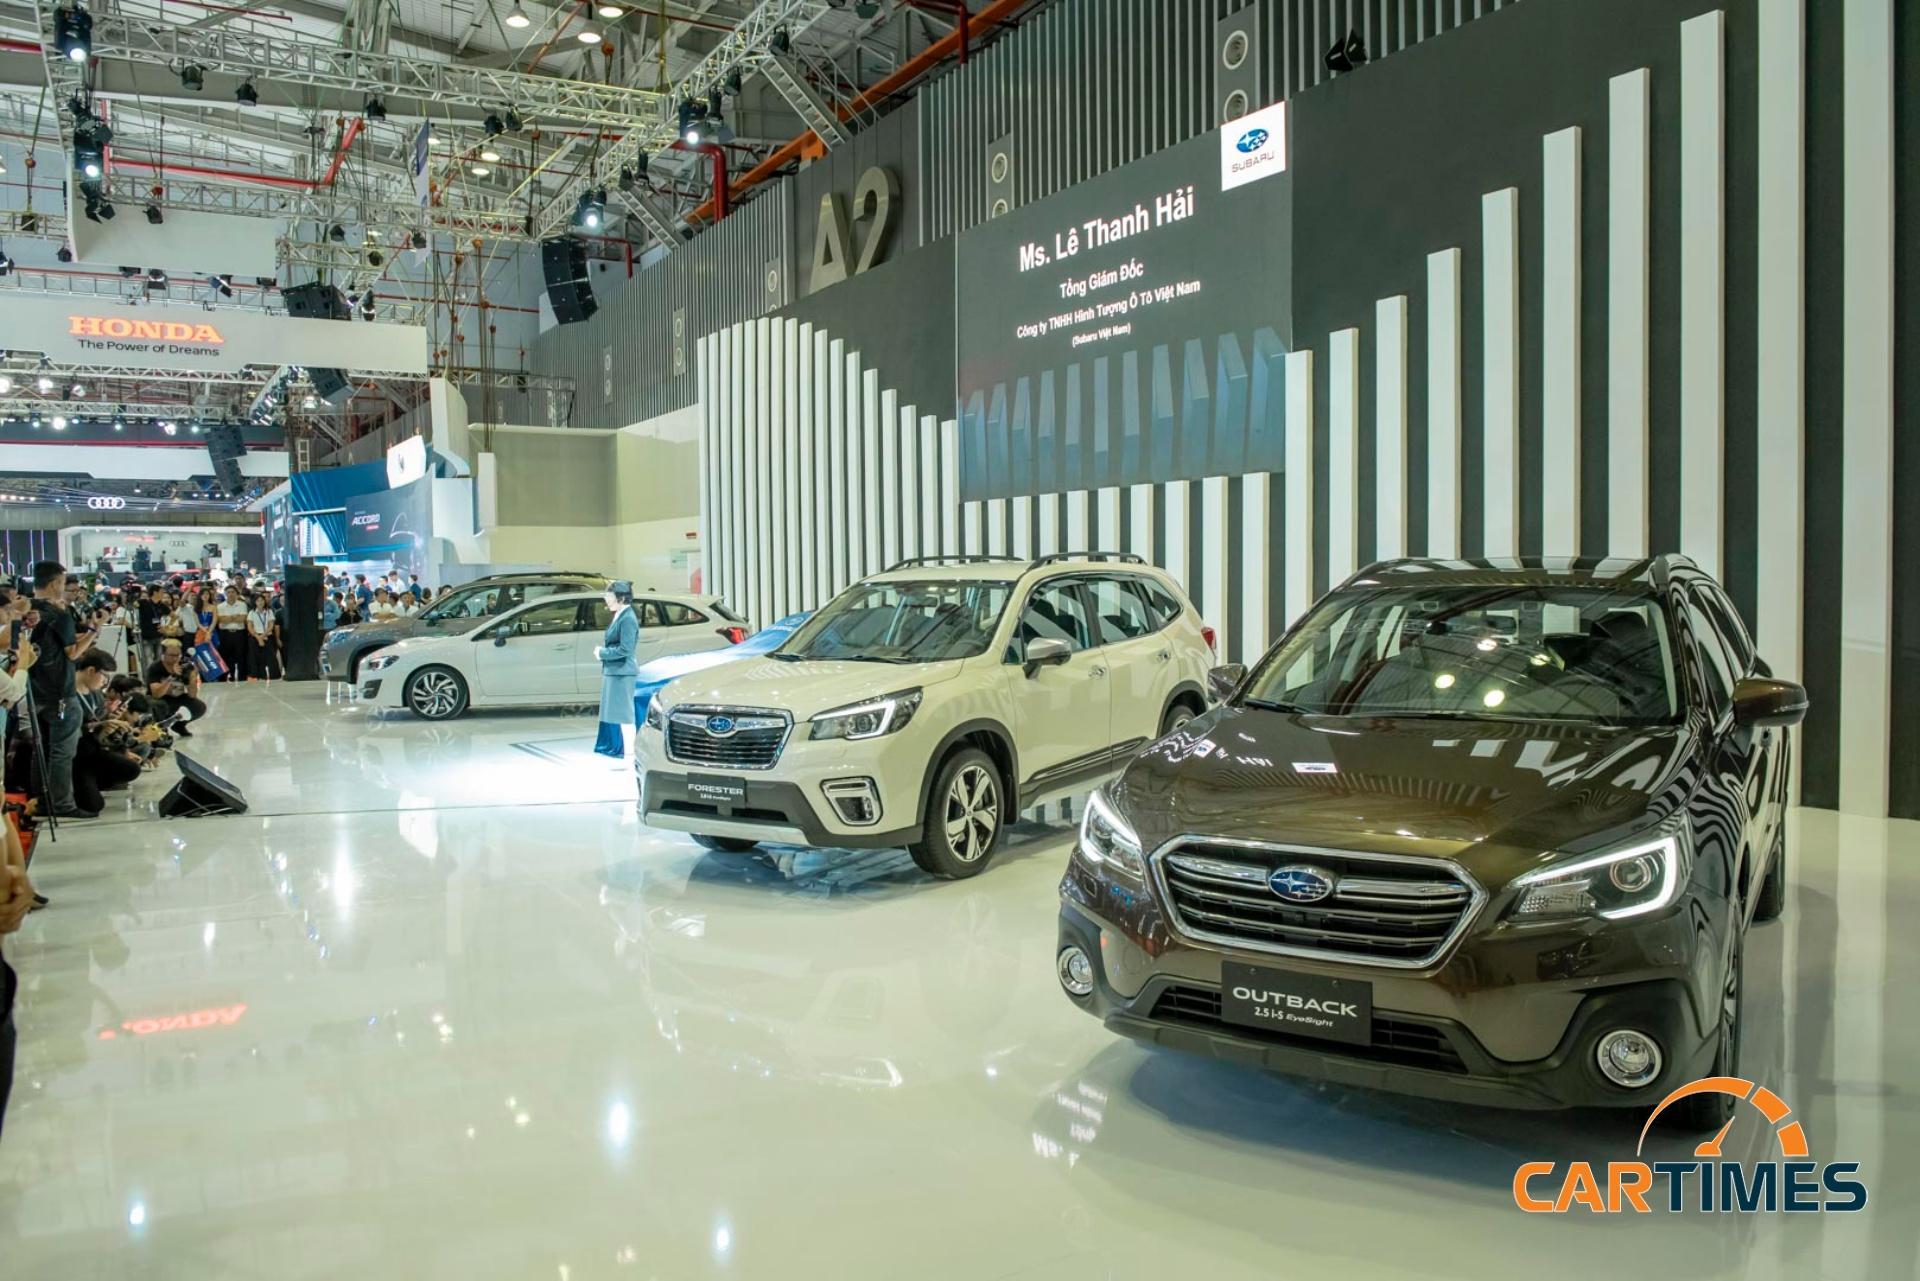 Subaru mang 'chất' thể thao tới triển lãm ô tô Việt Nam 2019